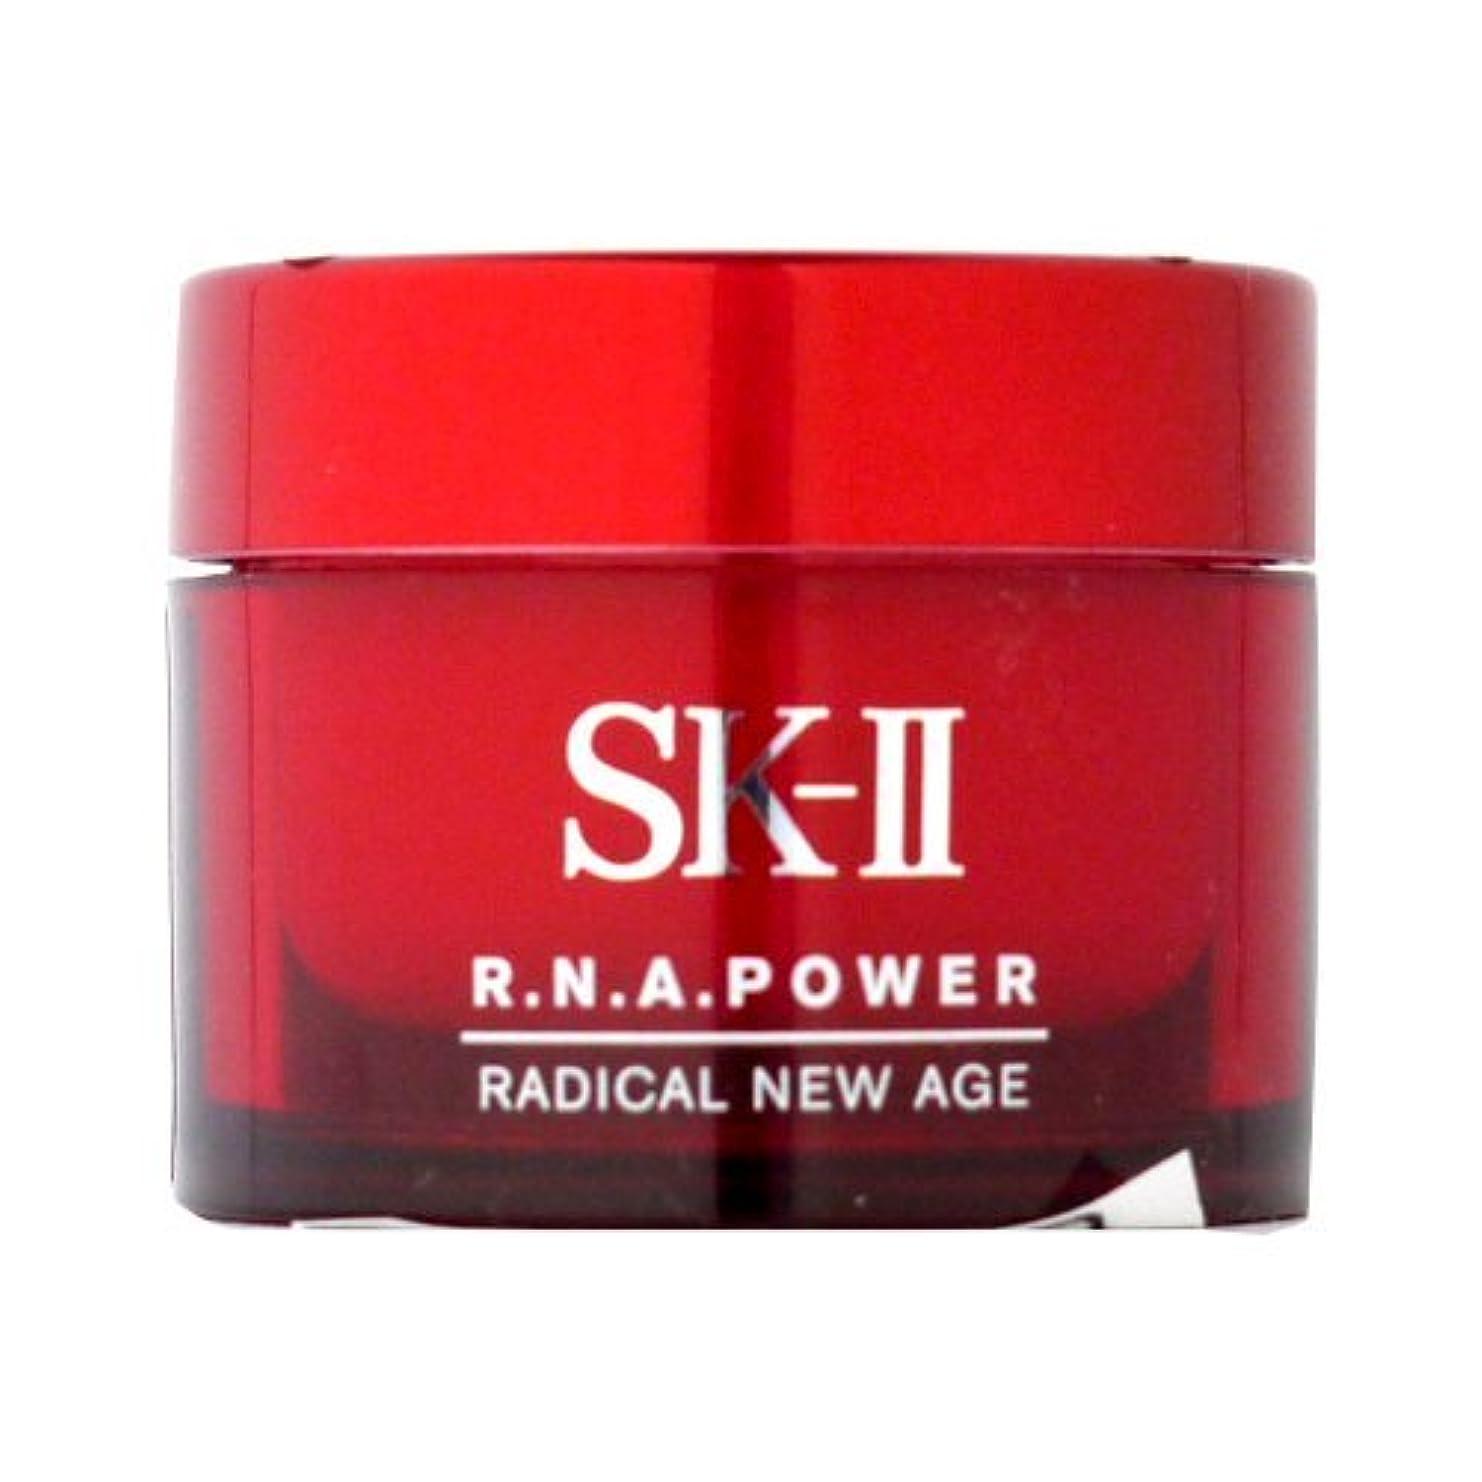 認識終わり思い出すSK-II R.N.A. パワー ラディカル ニュー エイジ 15g 並行輸入品